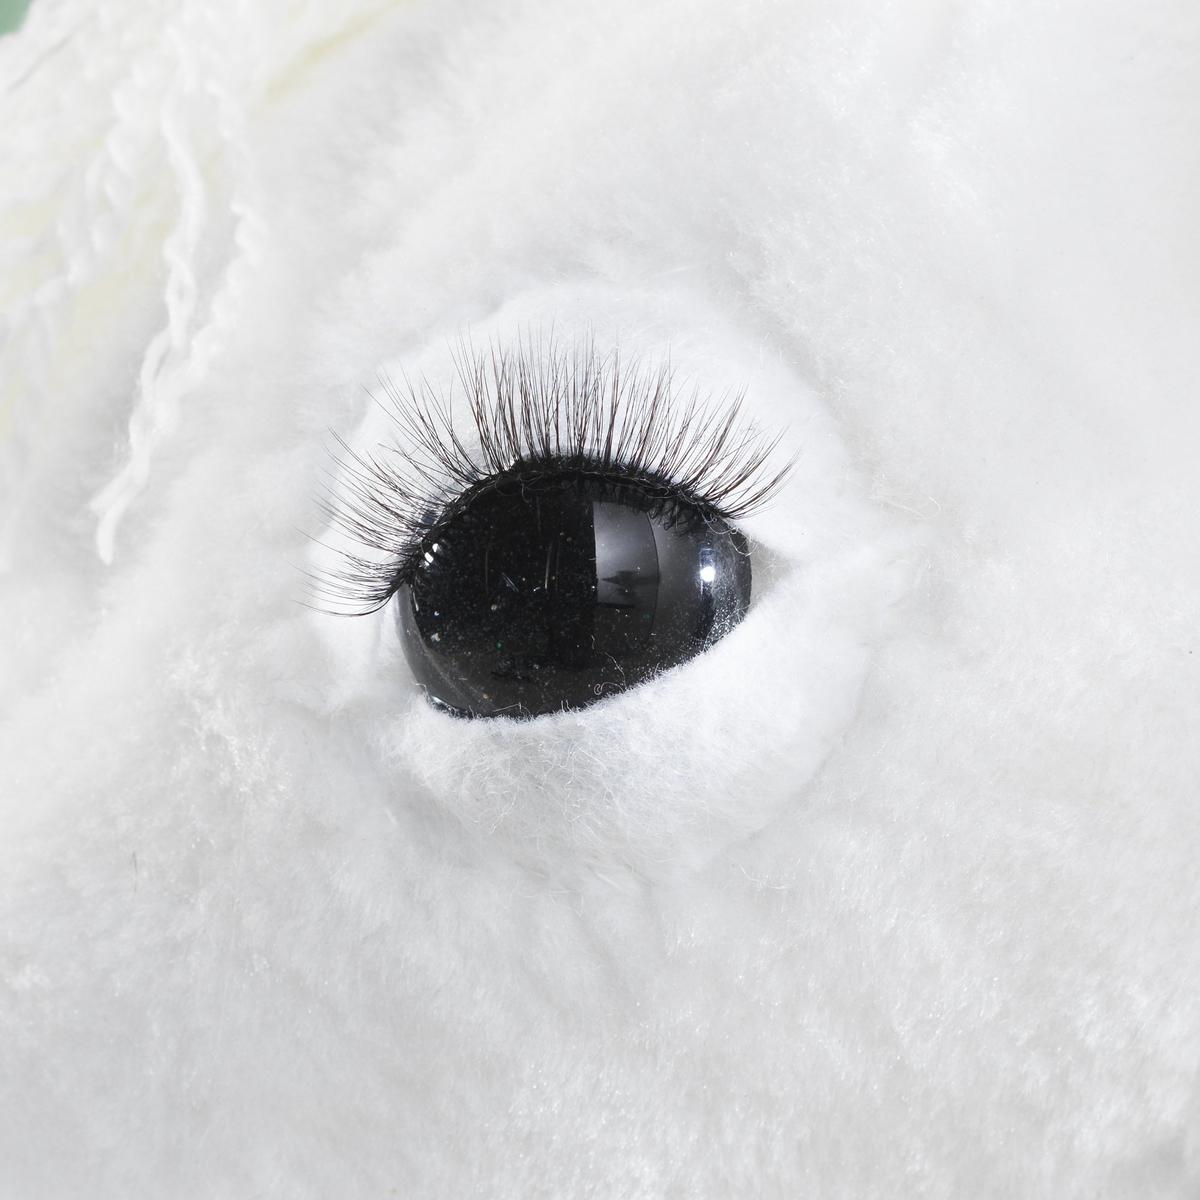 Gi kjepphesten vakre øyne av glass